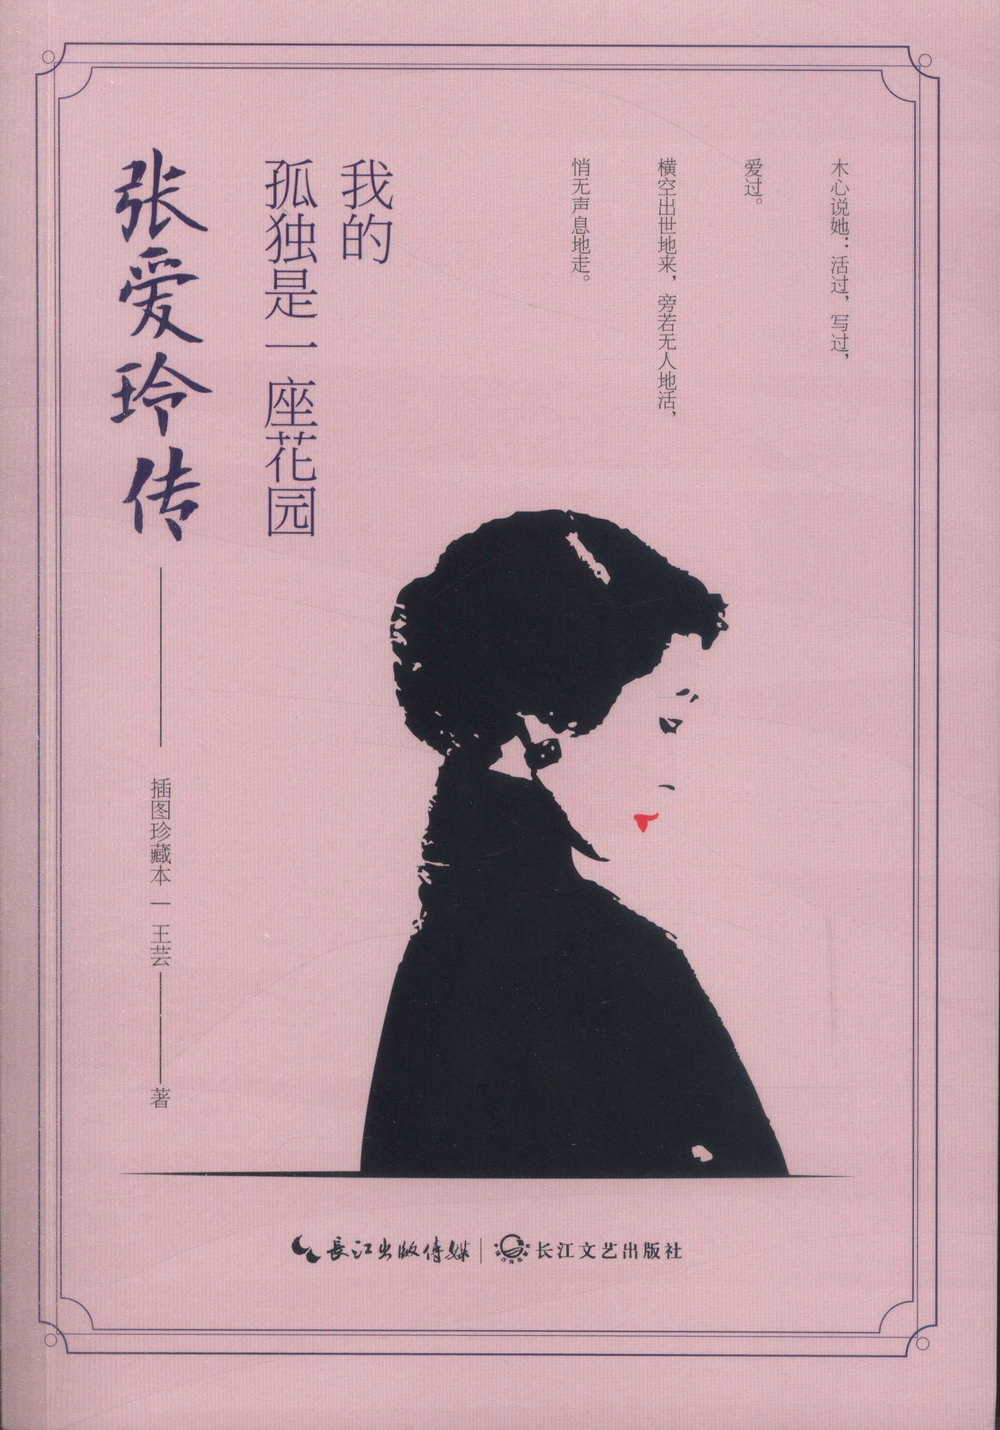 張愛玲傳:我的孤獨是一座花園